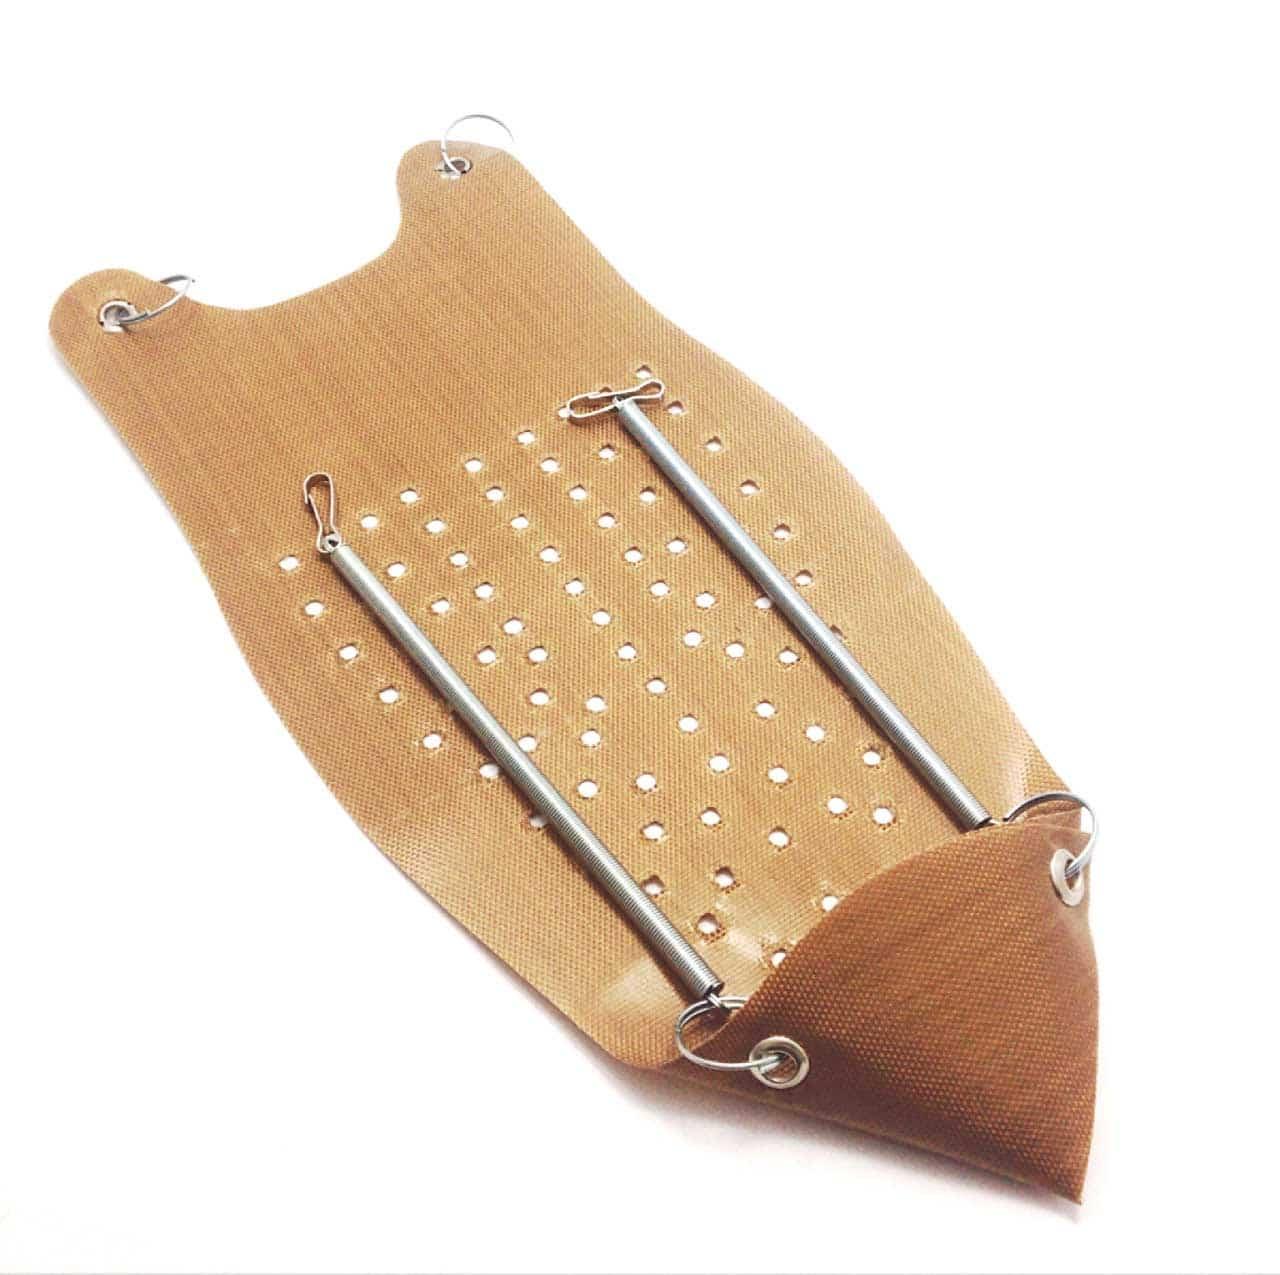 Sapata Anti brilho Universal para ferros Domésticos - Serve em todos os ferros de passar - Exata